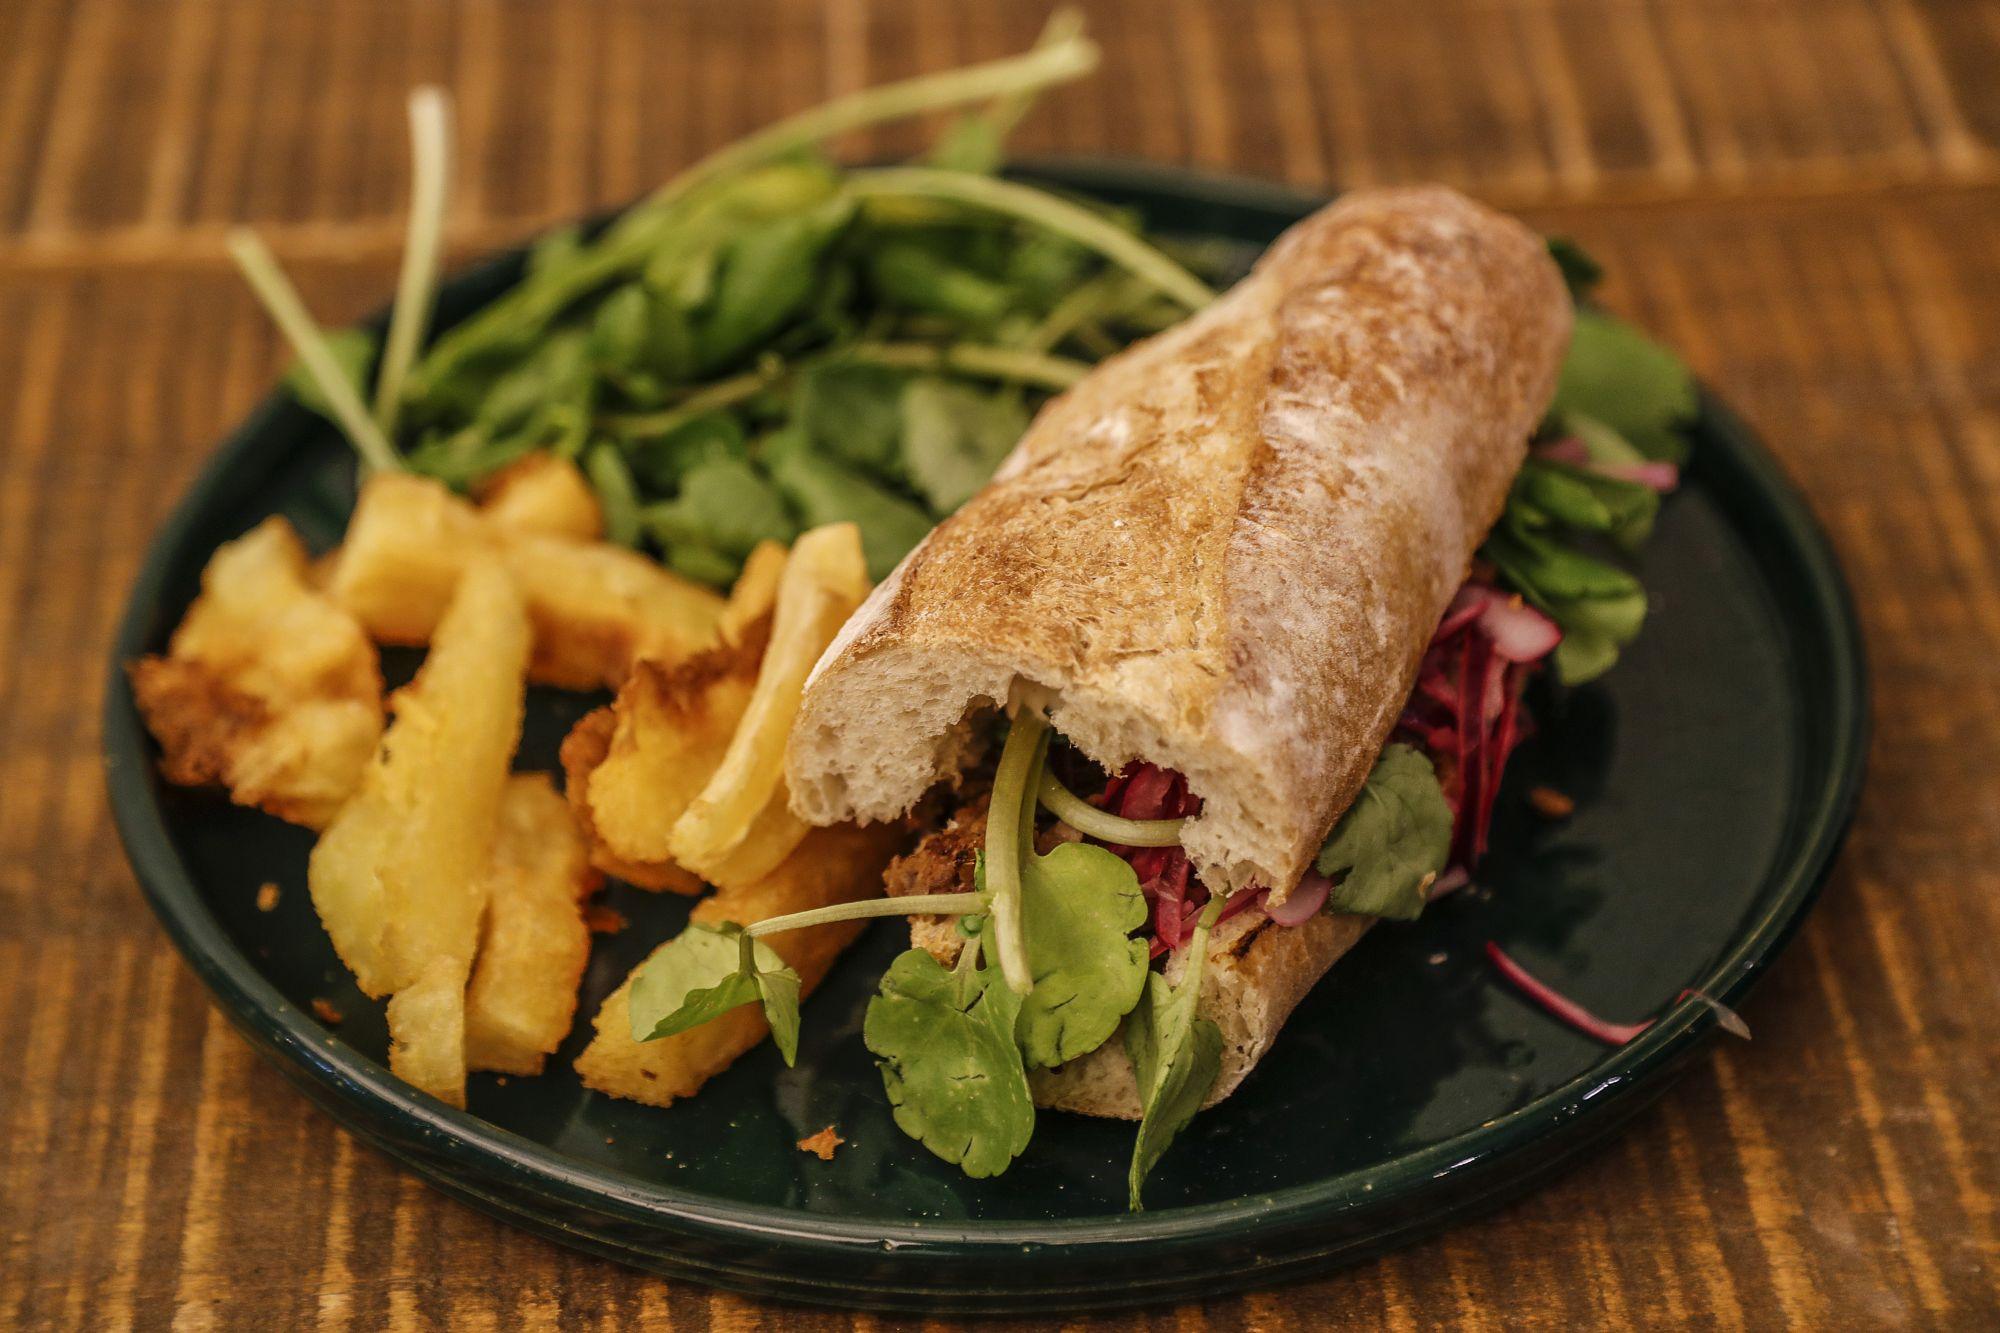 Sanduíche de costela desfiada, montado com molho tártaro, cebola roxa e agrião. Foto: Jonathan Campos/Gazeta do Povo